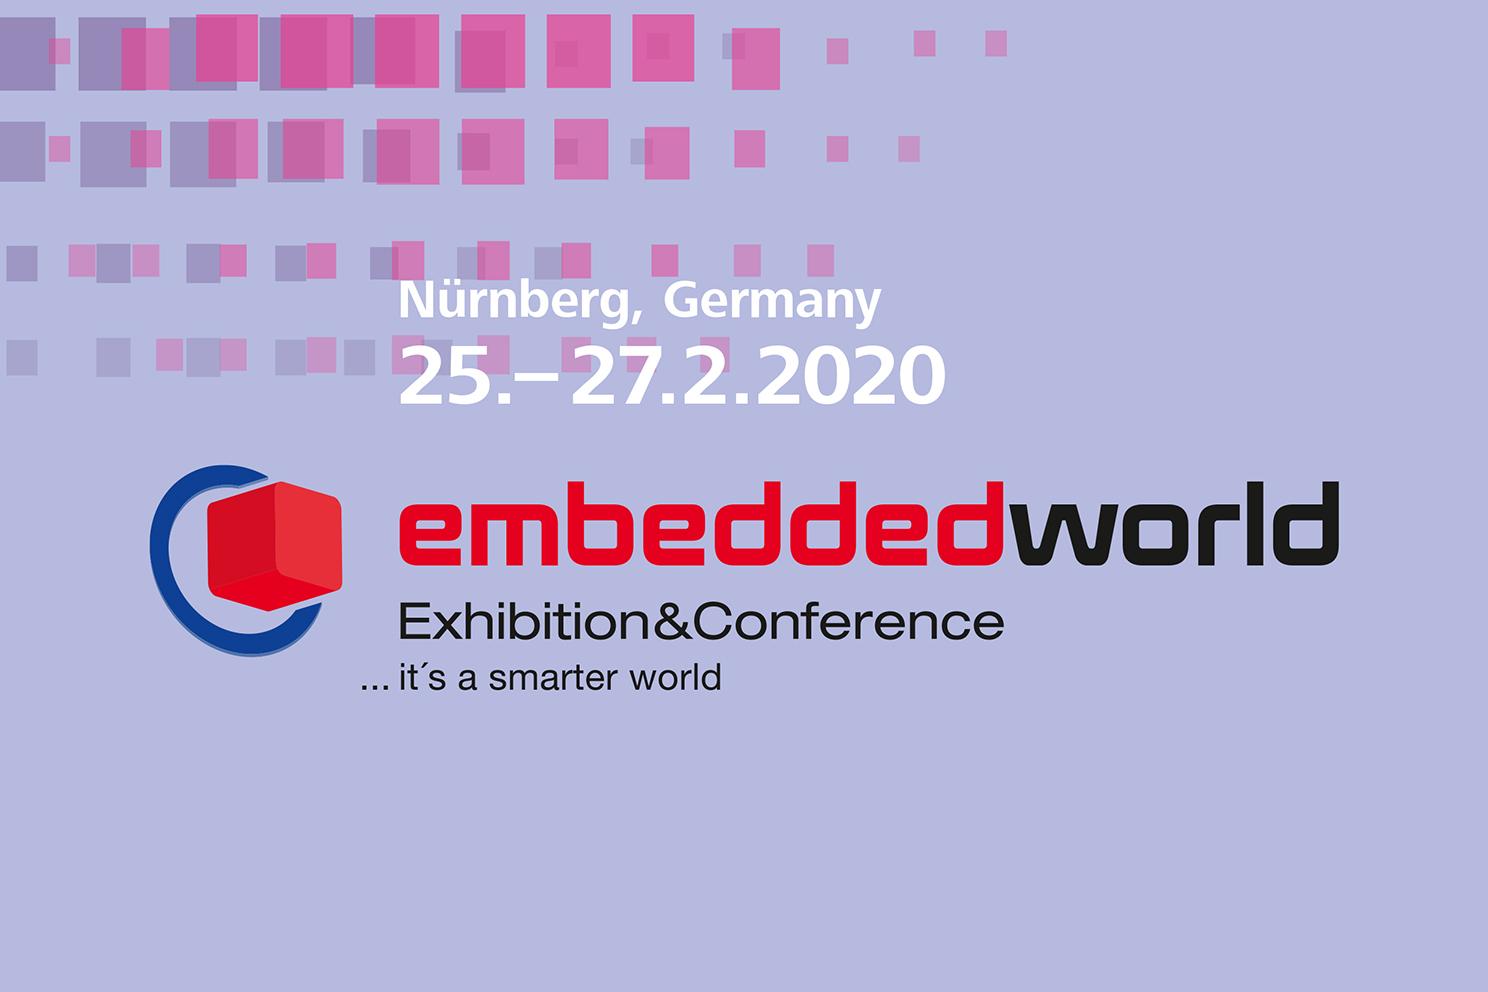 DMB Technics kundenspezifische displays ew20